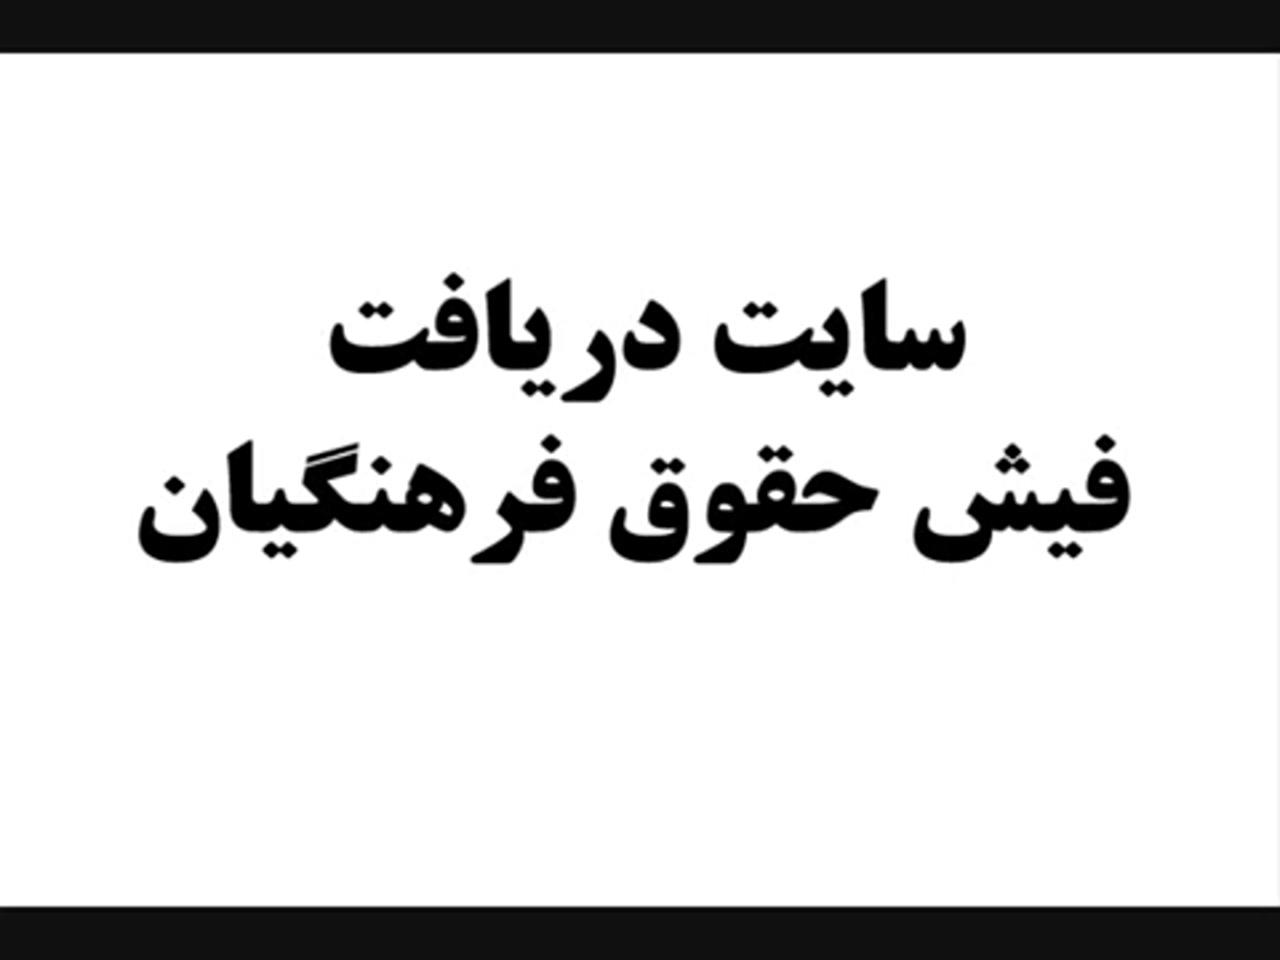 دریافت و مشاهده فیش حقوق فرهنگیان بازنشسته بهمن 99 / سایت فیش حقوق فرهنگیان بازنشسته